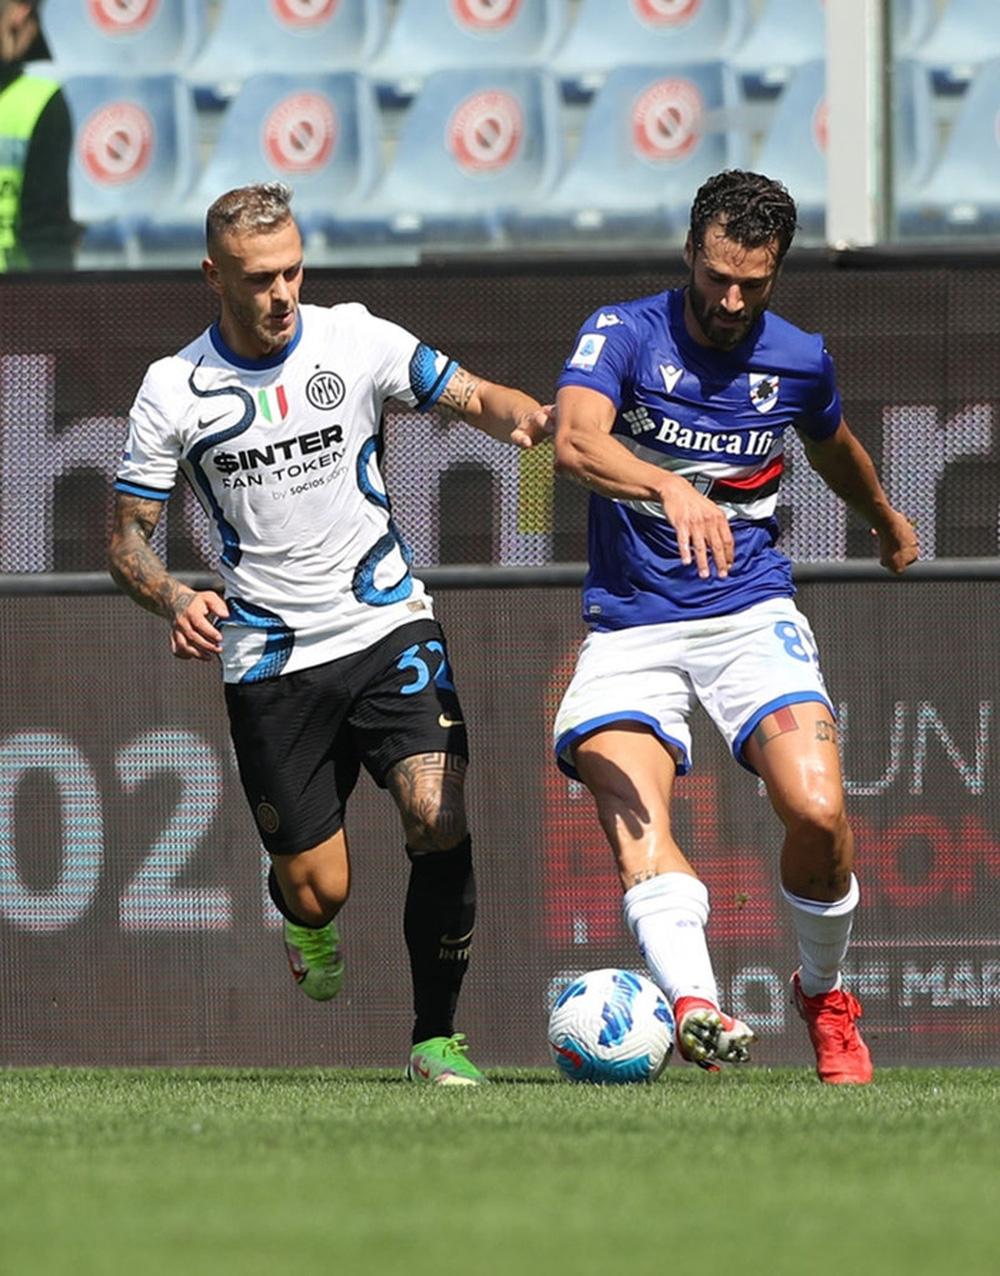 Công làm thủ phá, Inter Milan bất lực để Sampdoria cầm chân với tỷ số 2-2 sau 90 phút - Ảnh 8.